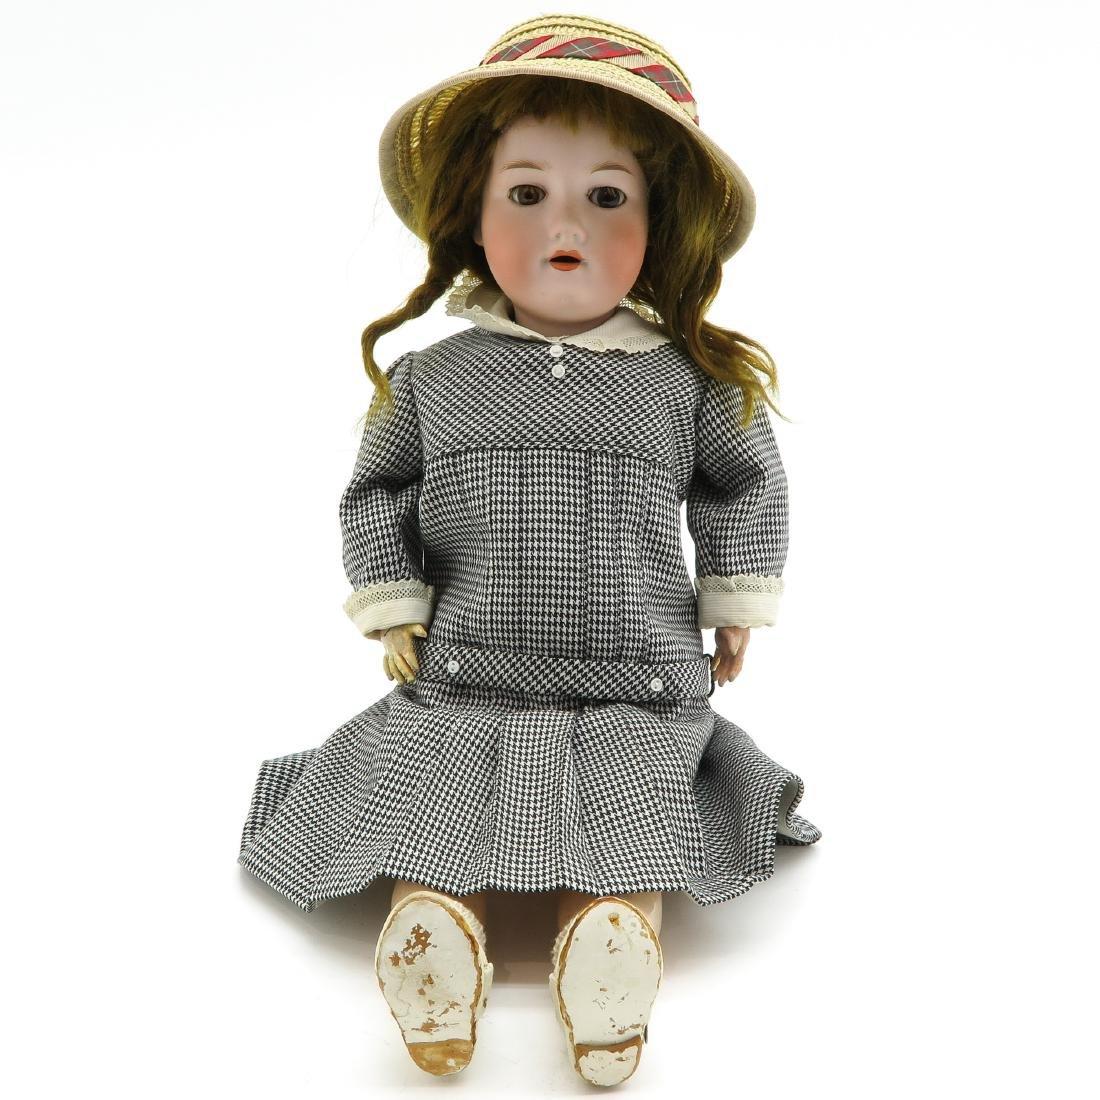 An Armand Marseille Doll